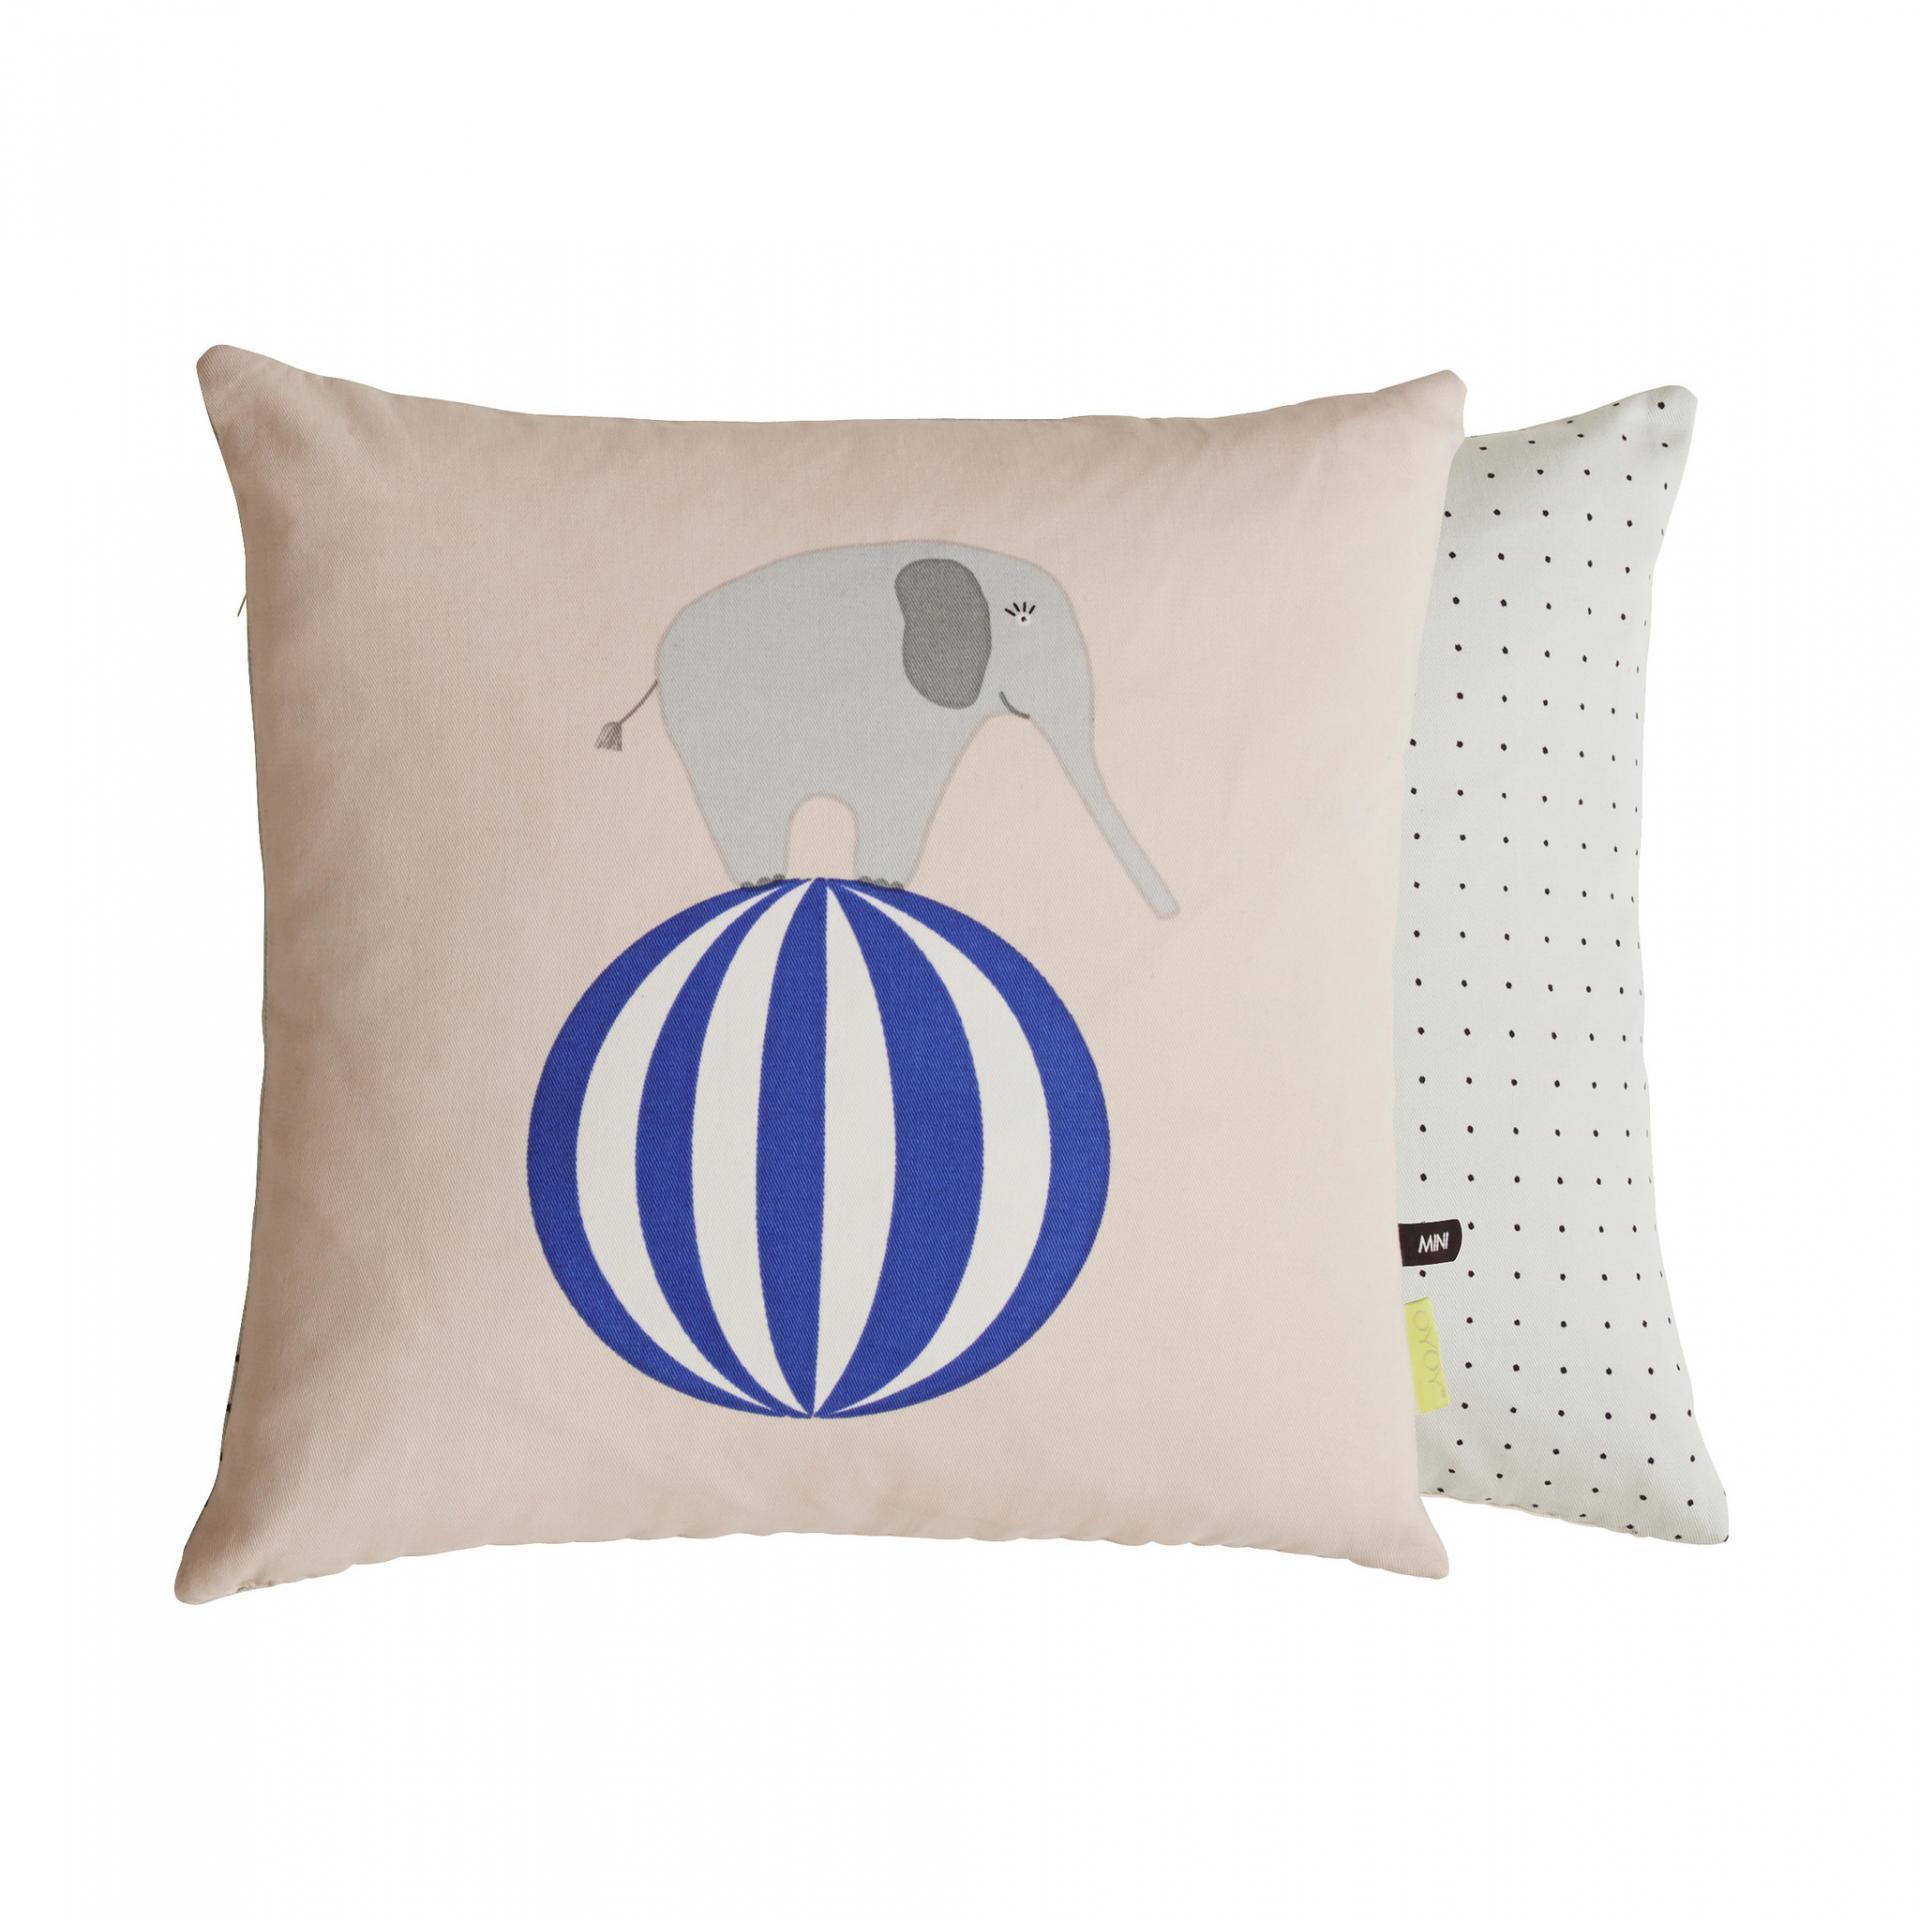 OYOY Dětský polštář Elephant, béžová barva, multi barva, textil